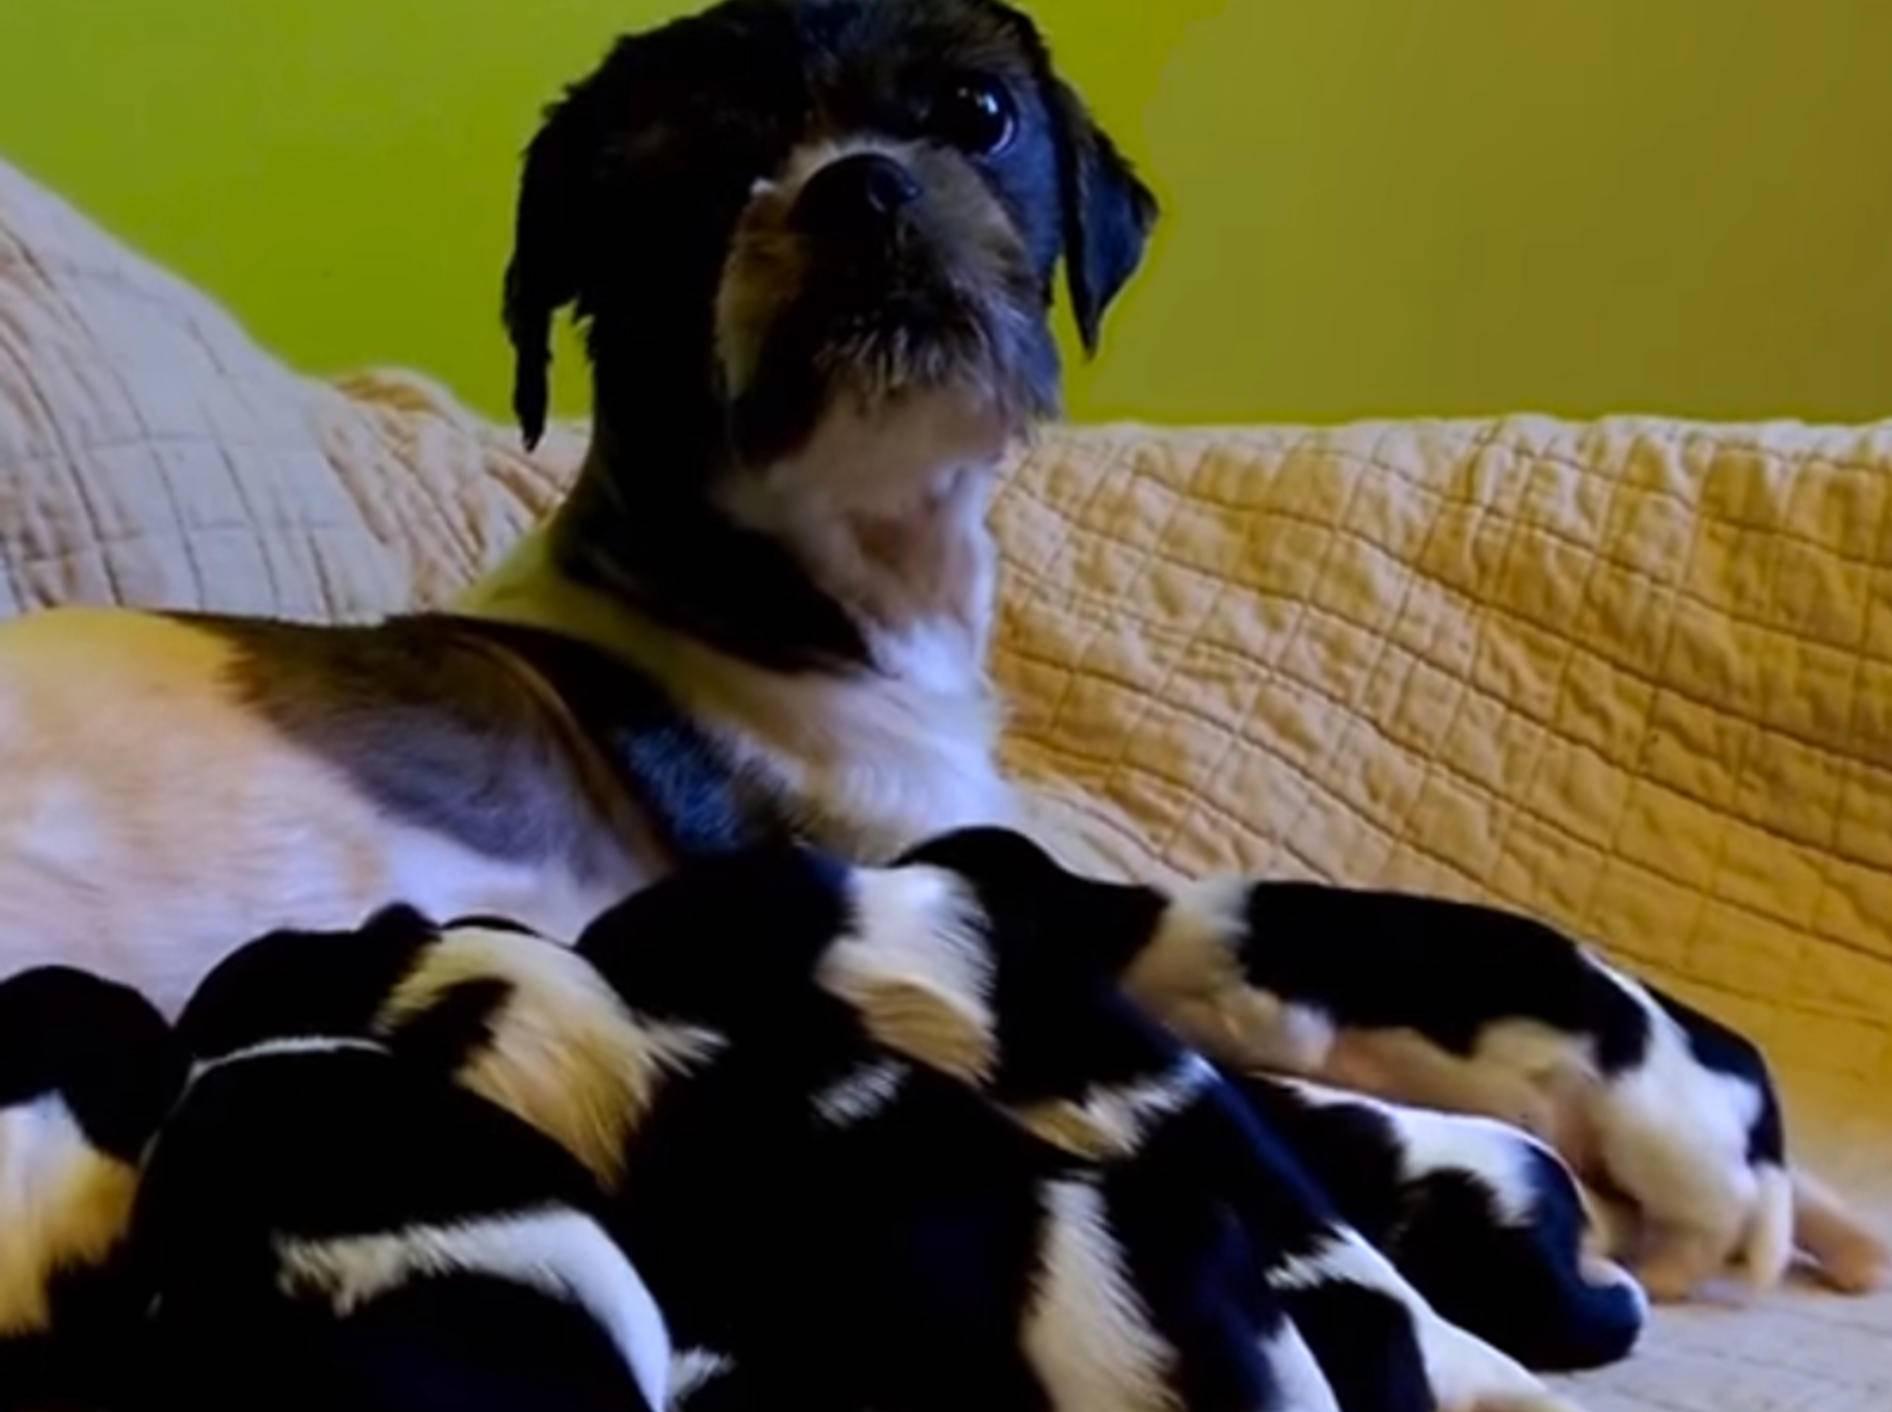 Nach Rettung: Hundemama und ihre Babys fühlen sich wohl – Bild: YouTube / The Dodo